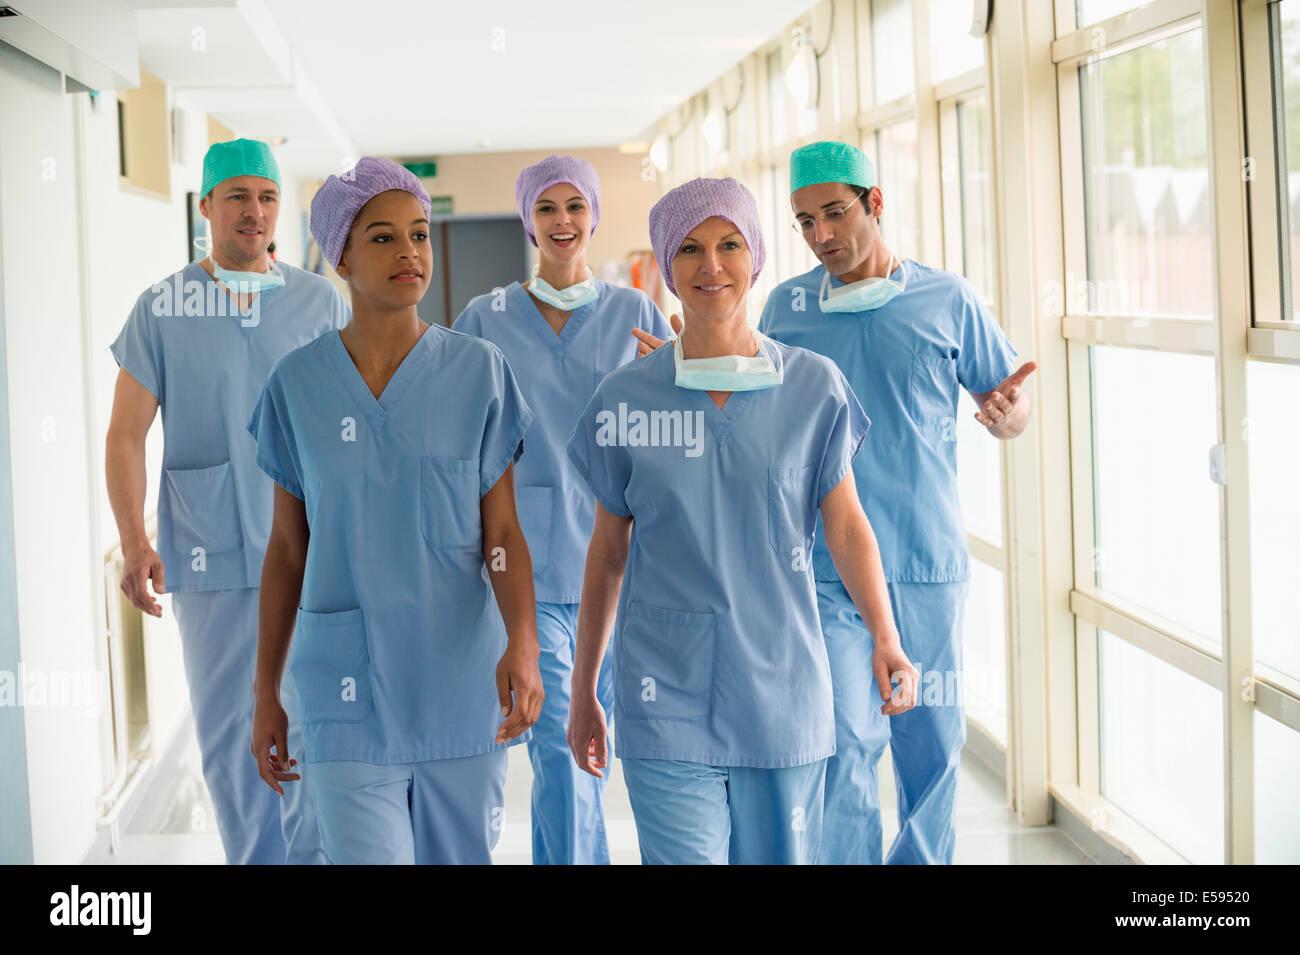 Ärzteteam zu Fuß auf dem Flur eines Krankenhauses Stockbild